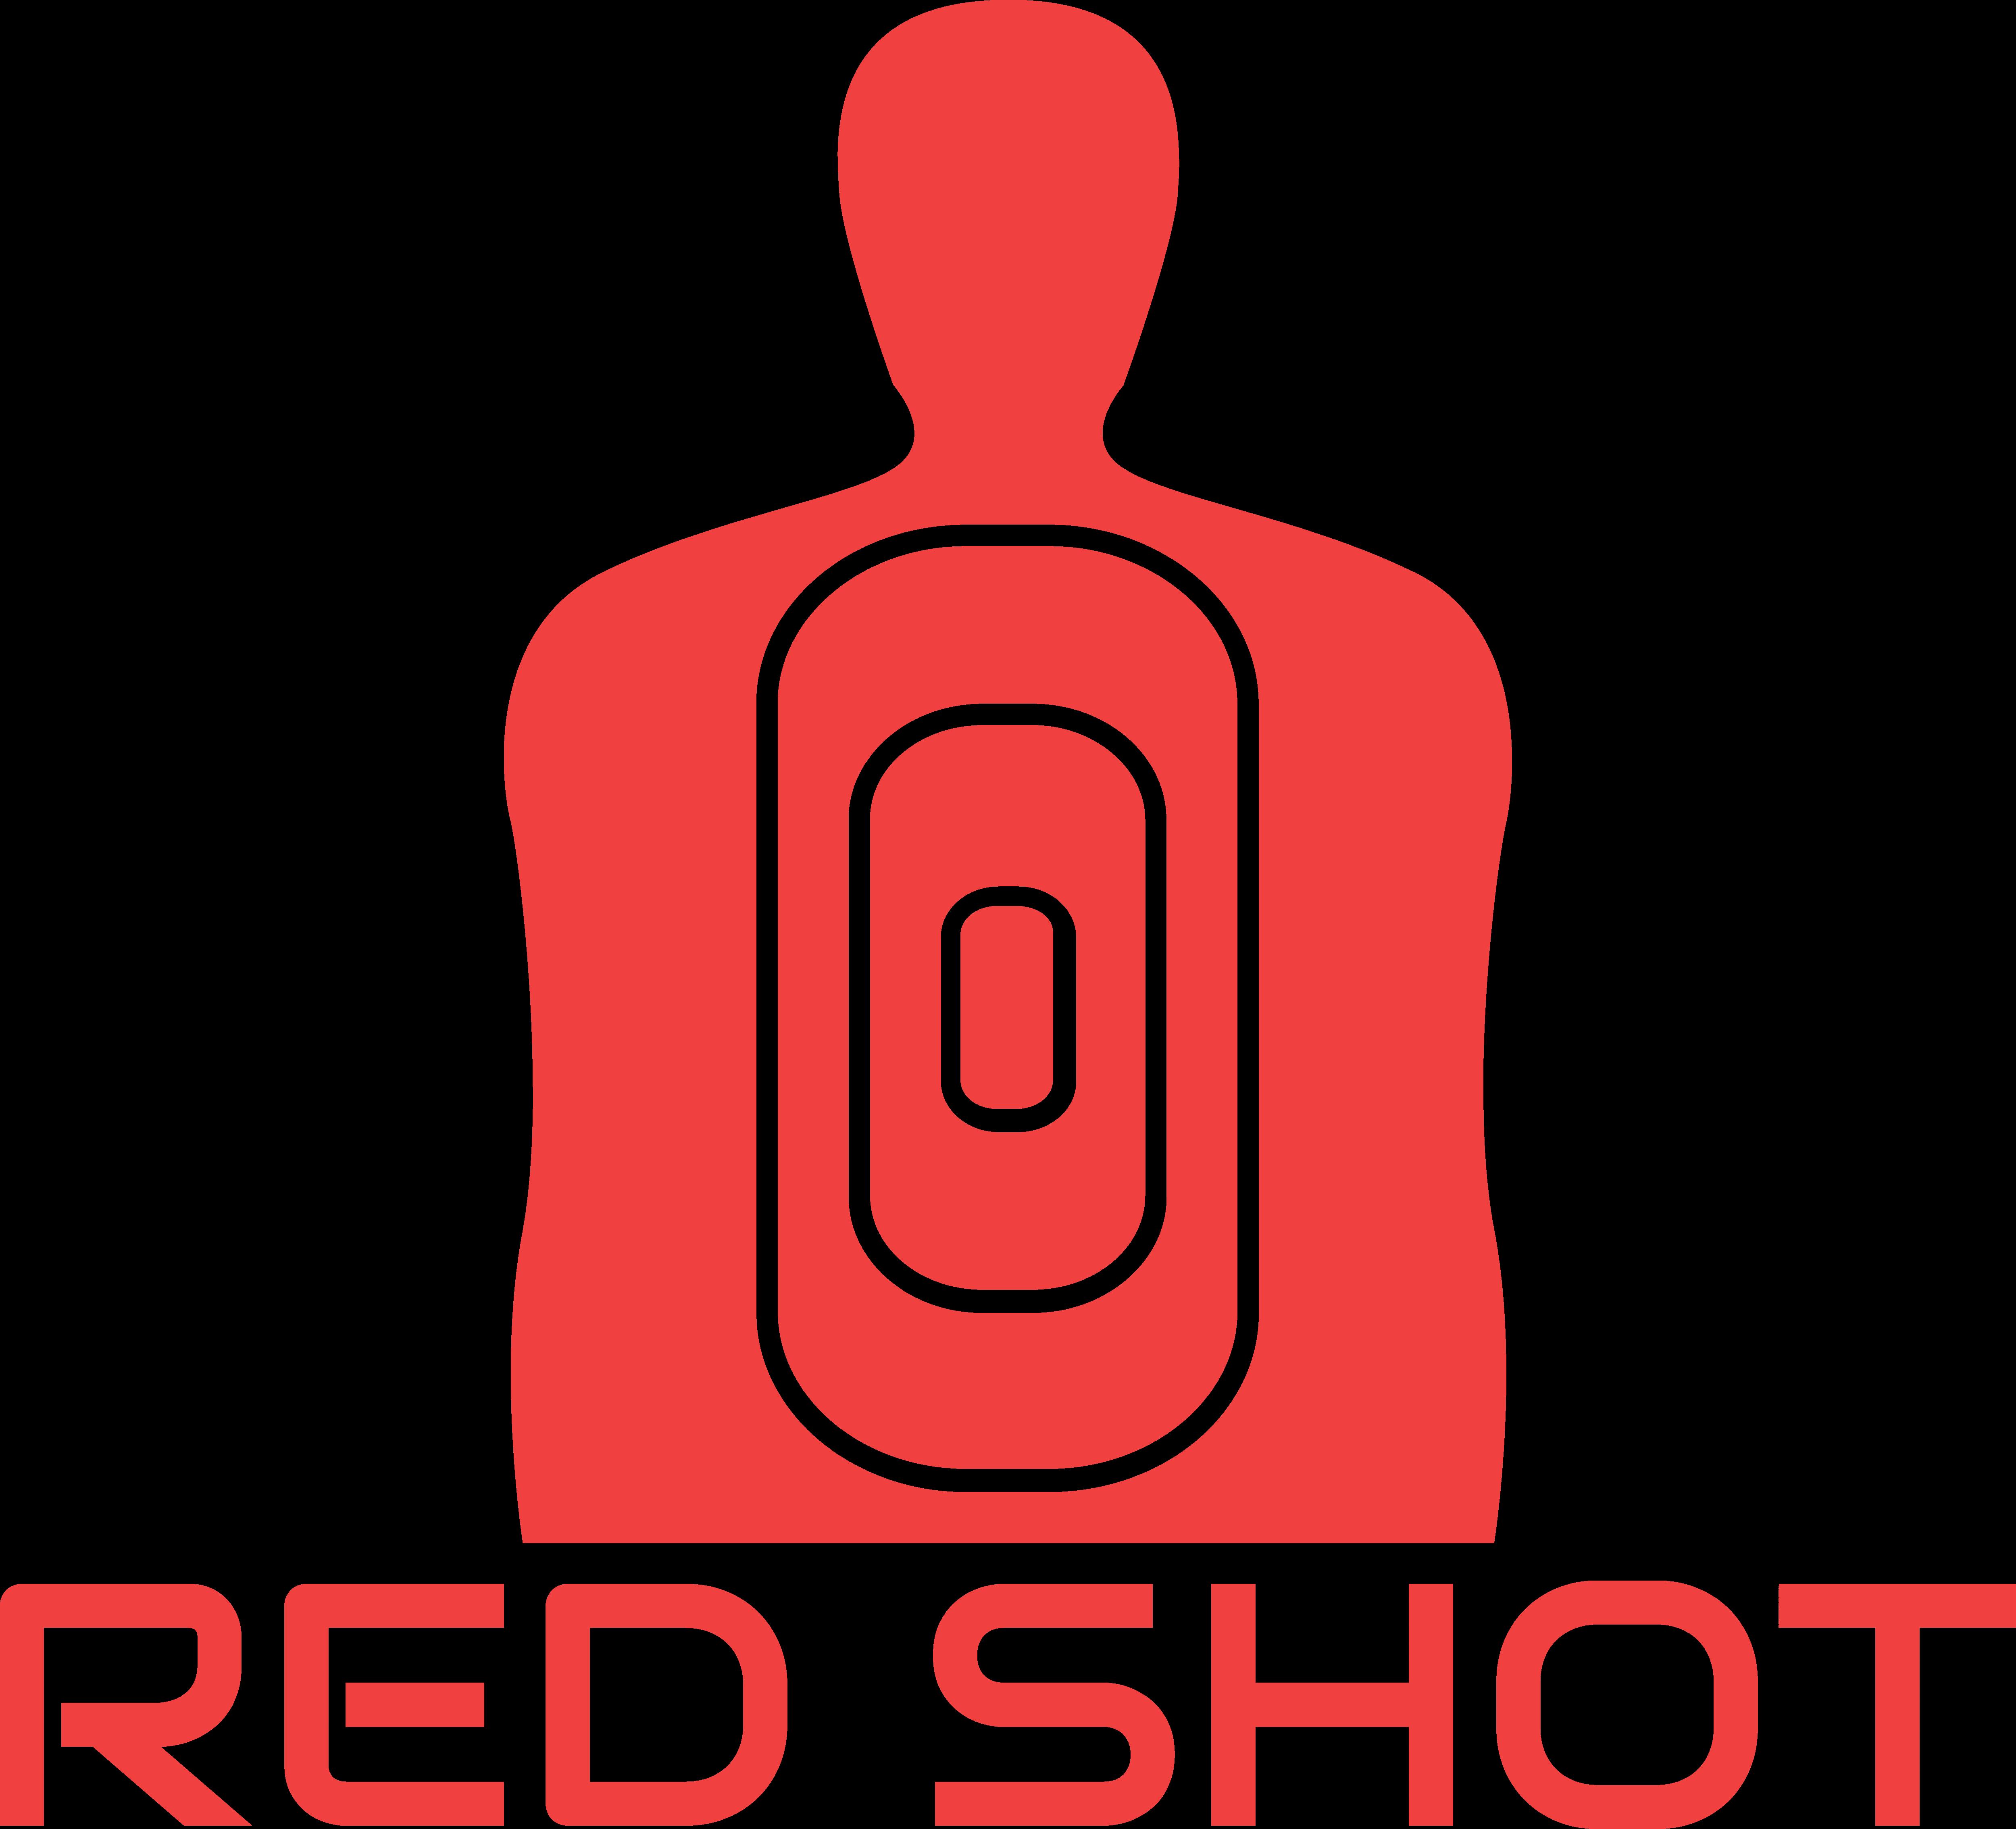 REDSHOT